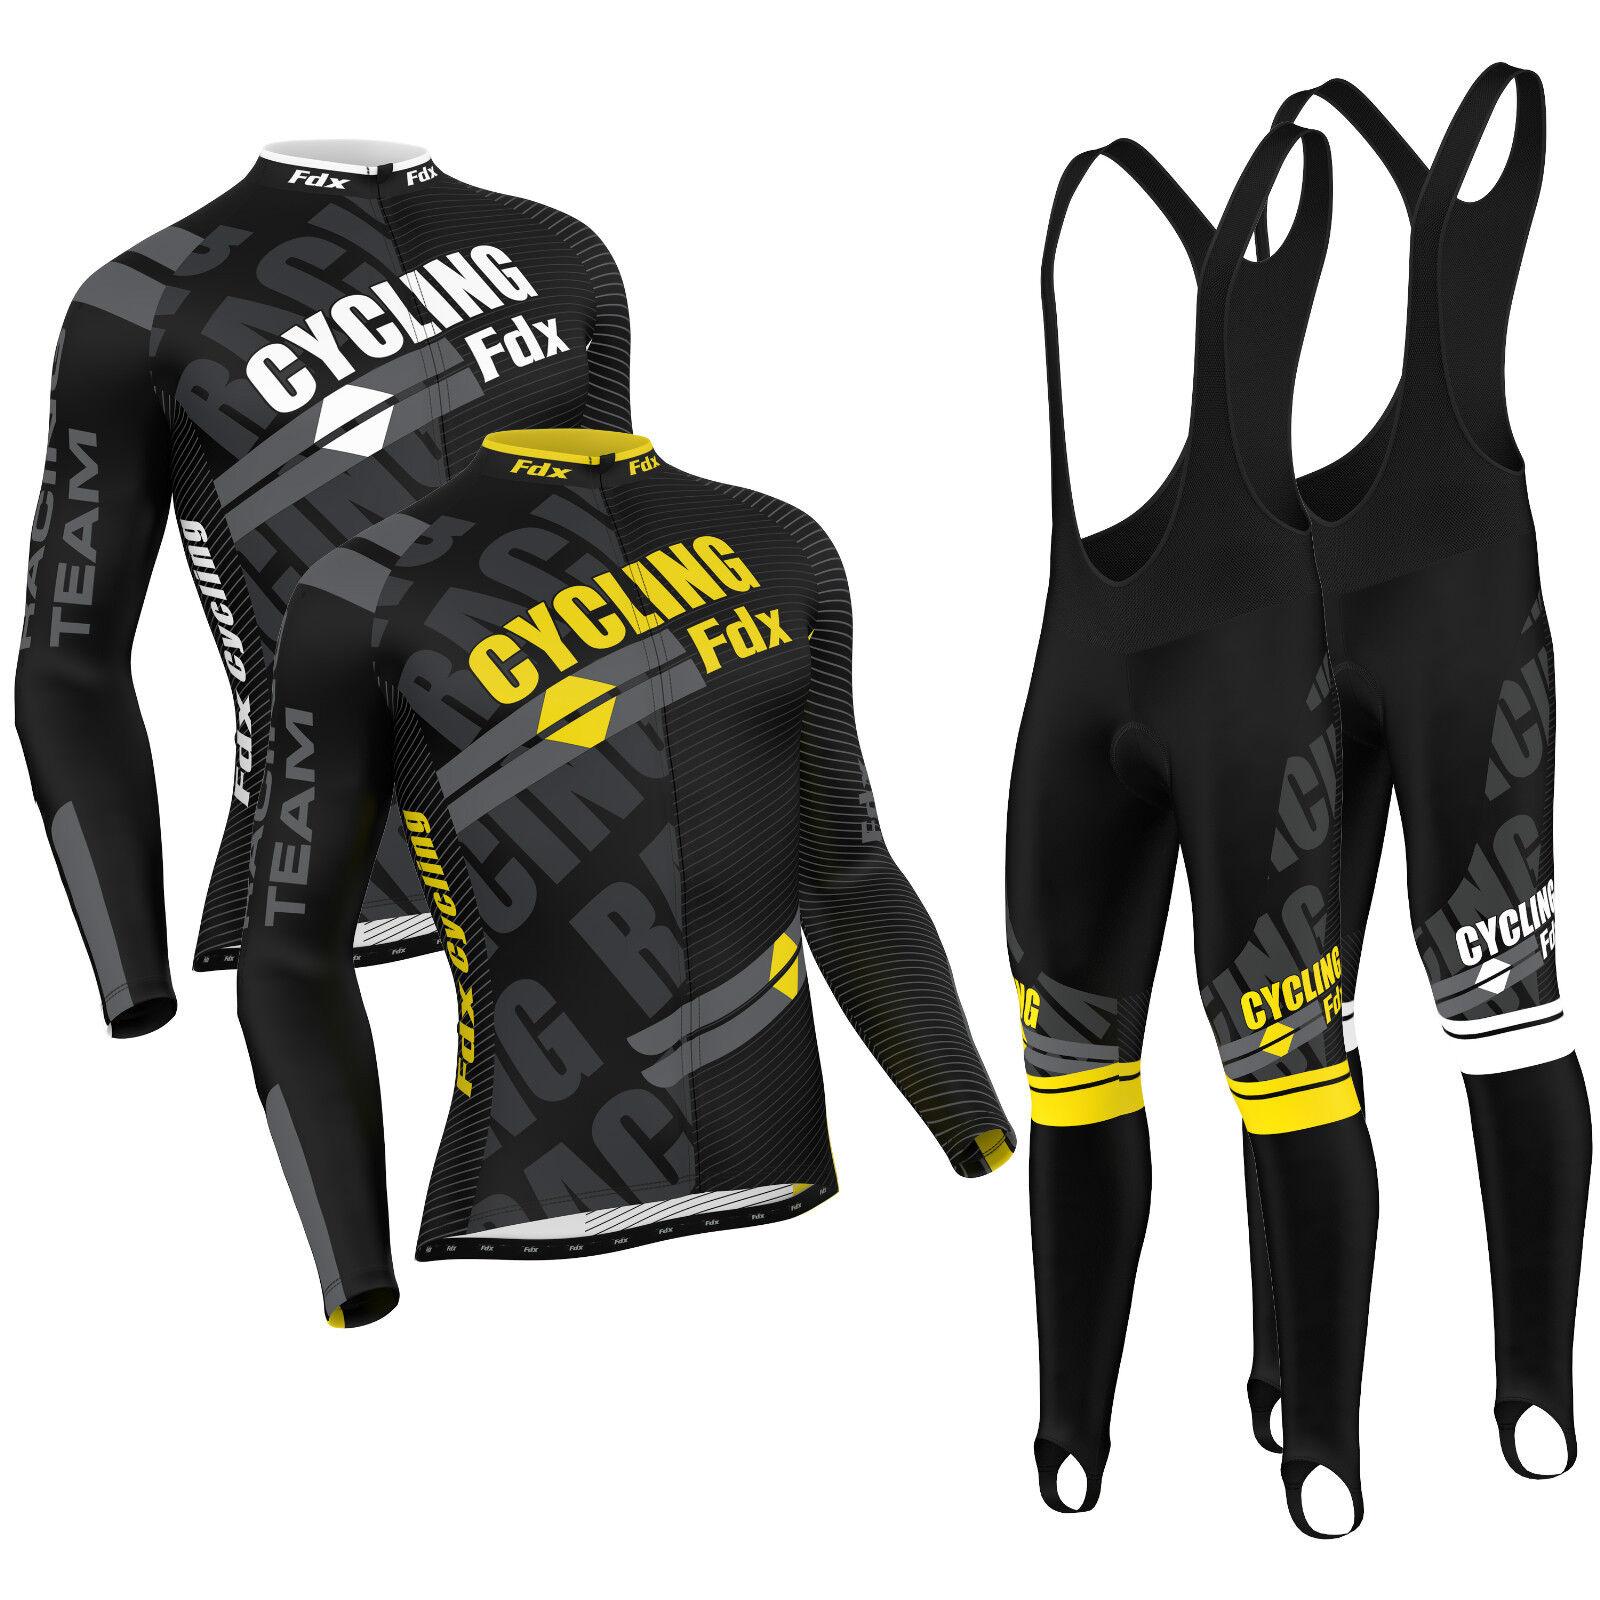 FDX Da Uomo Pro Ciclismo Jersey Frossodo Indossare Thermal Giacca bici  Bavaglino Da corsa Stretto Set